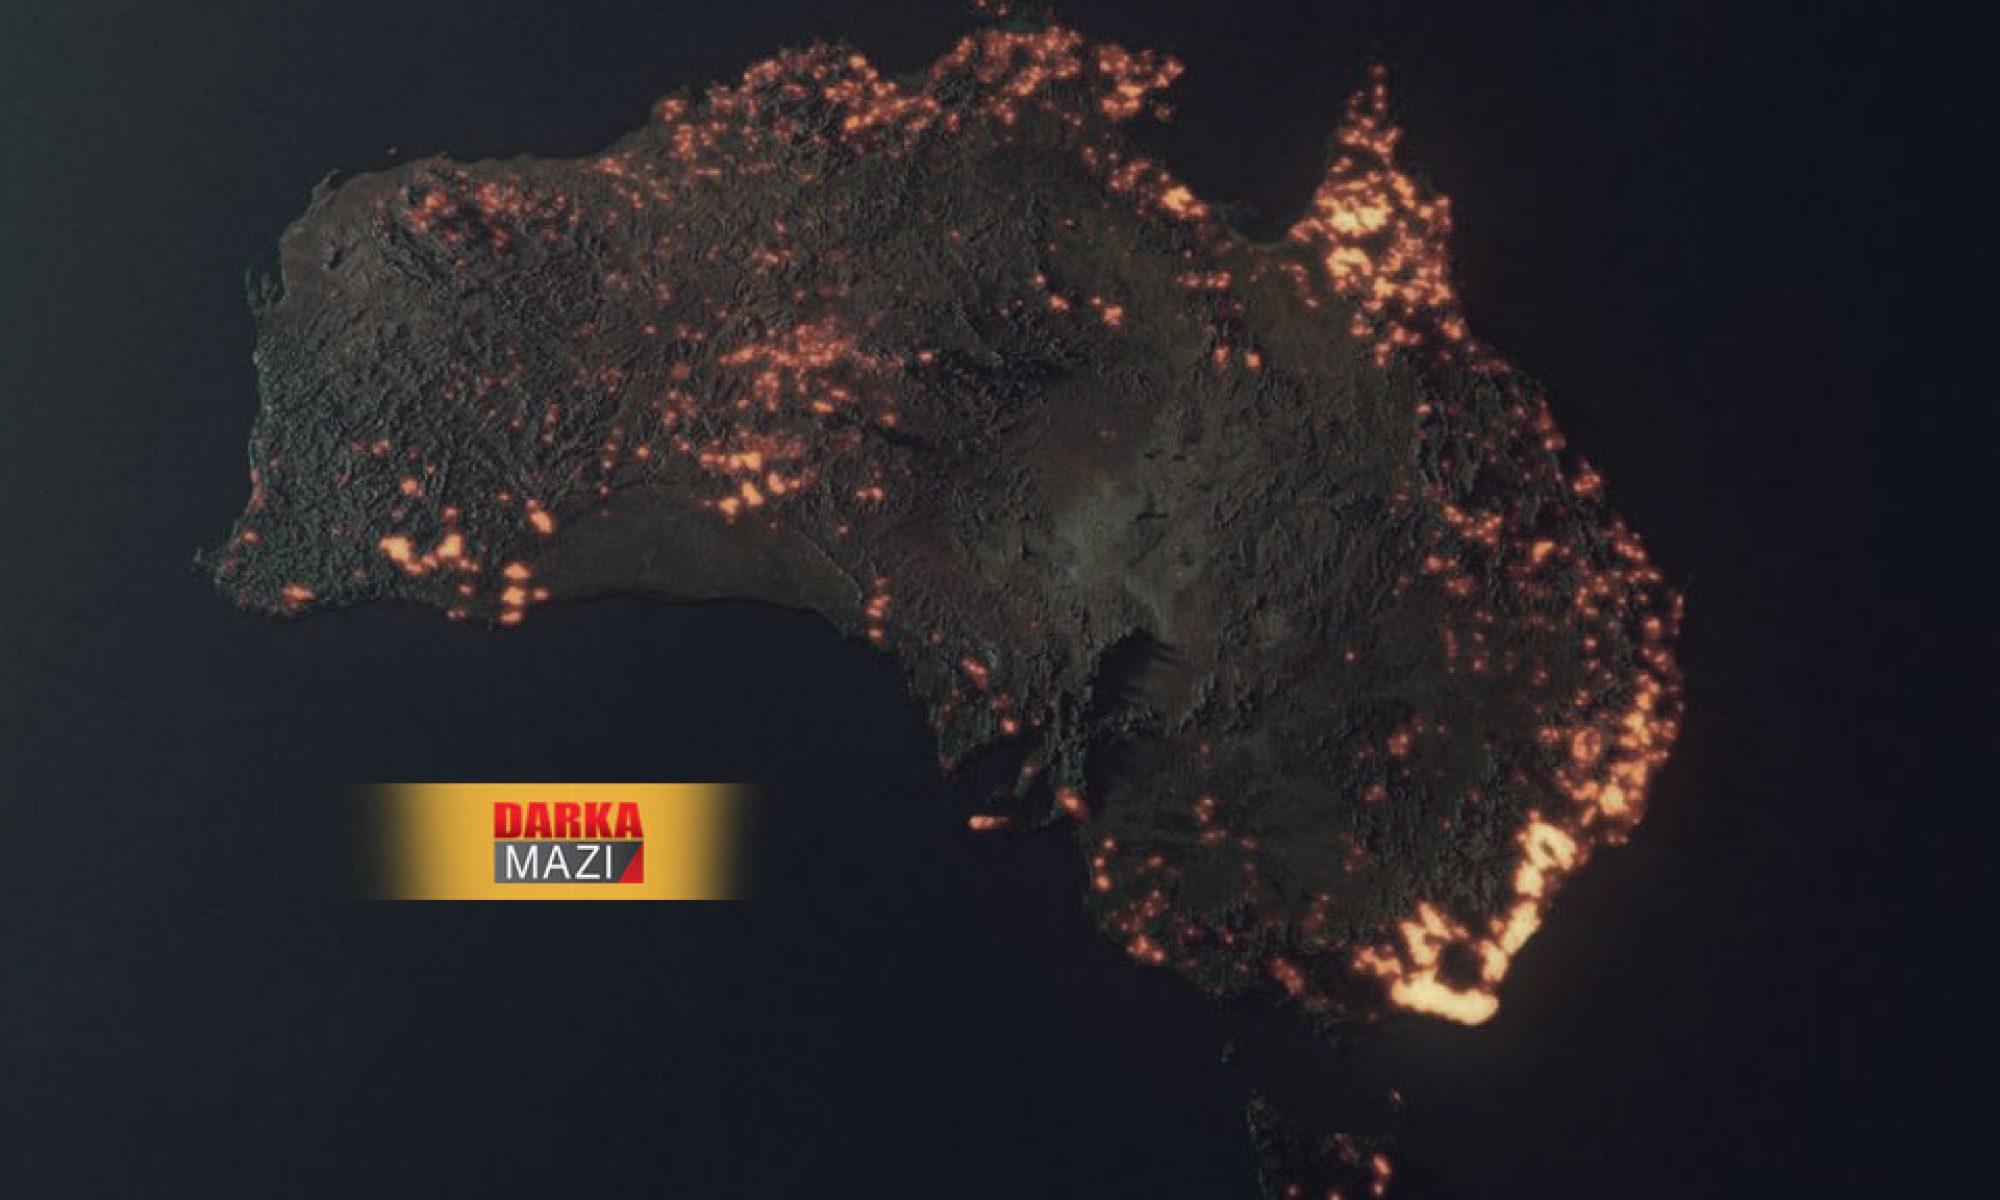 Avusturalya yangının bilançosu ormanların %21'i yandı 1,25 milyar hayvan telef oldu